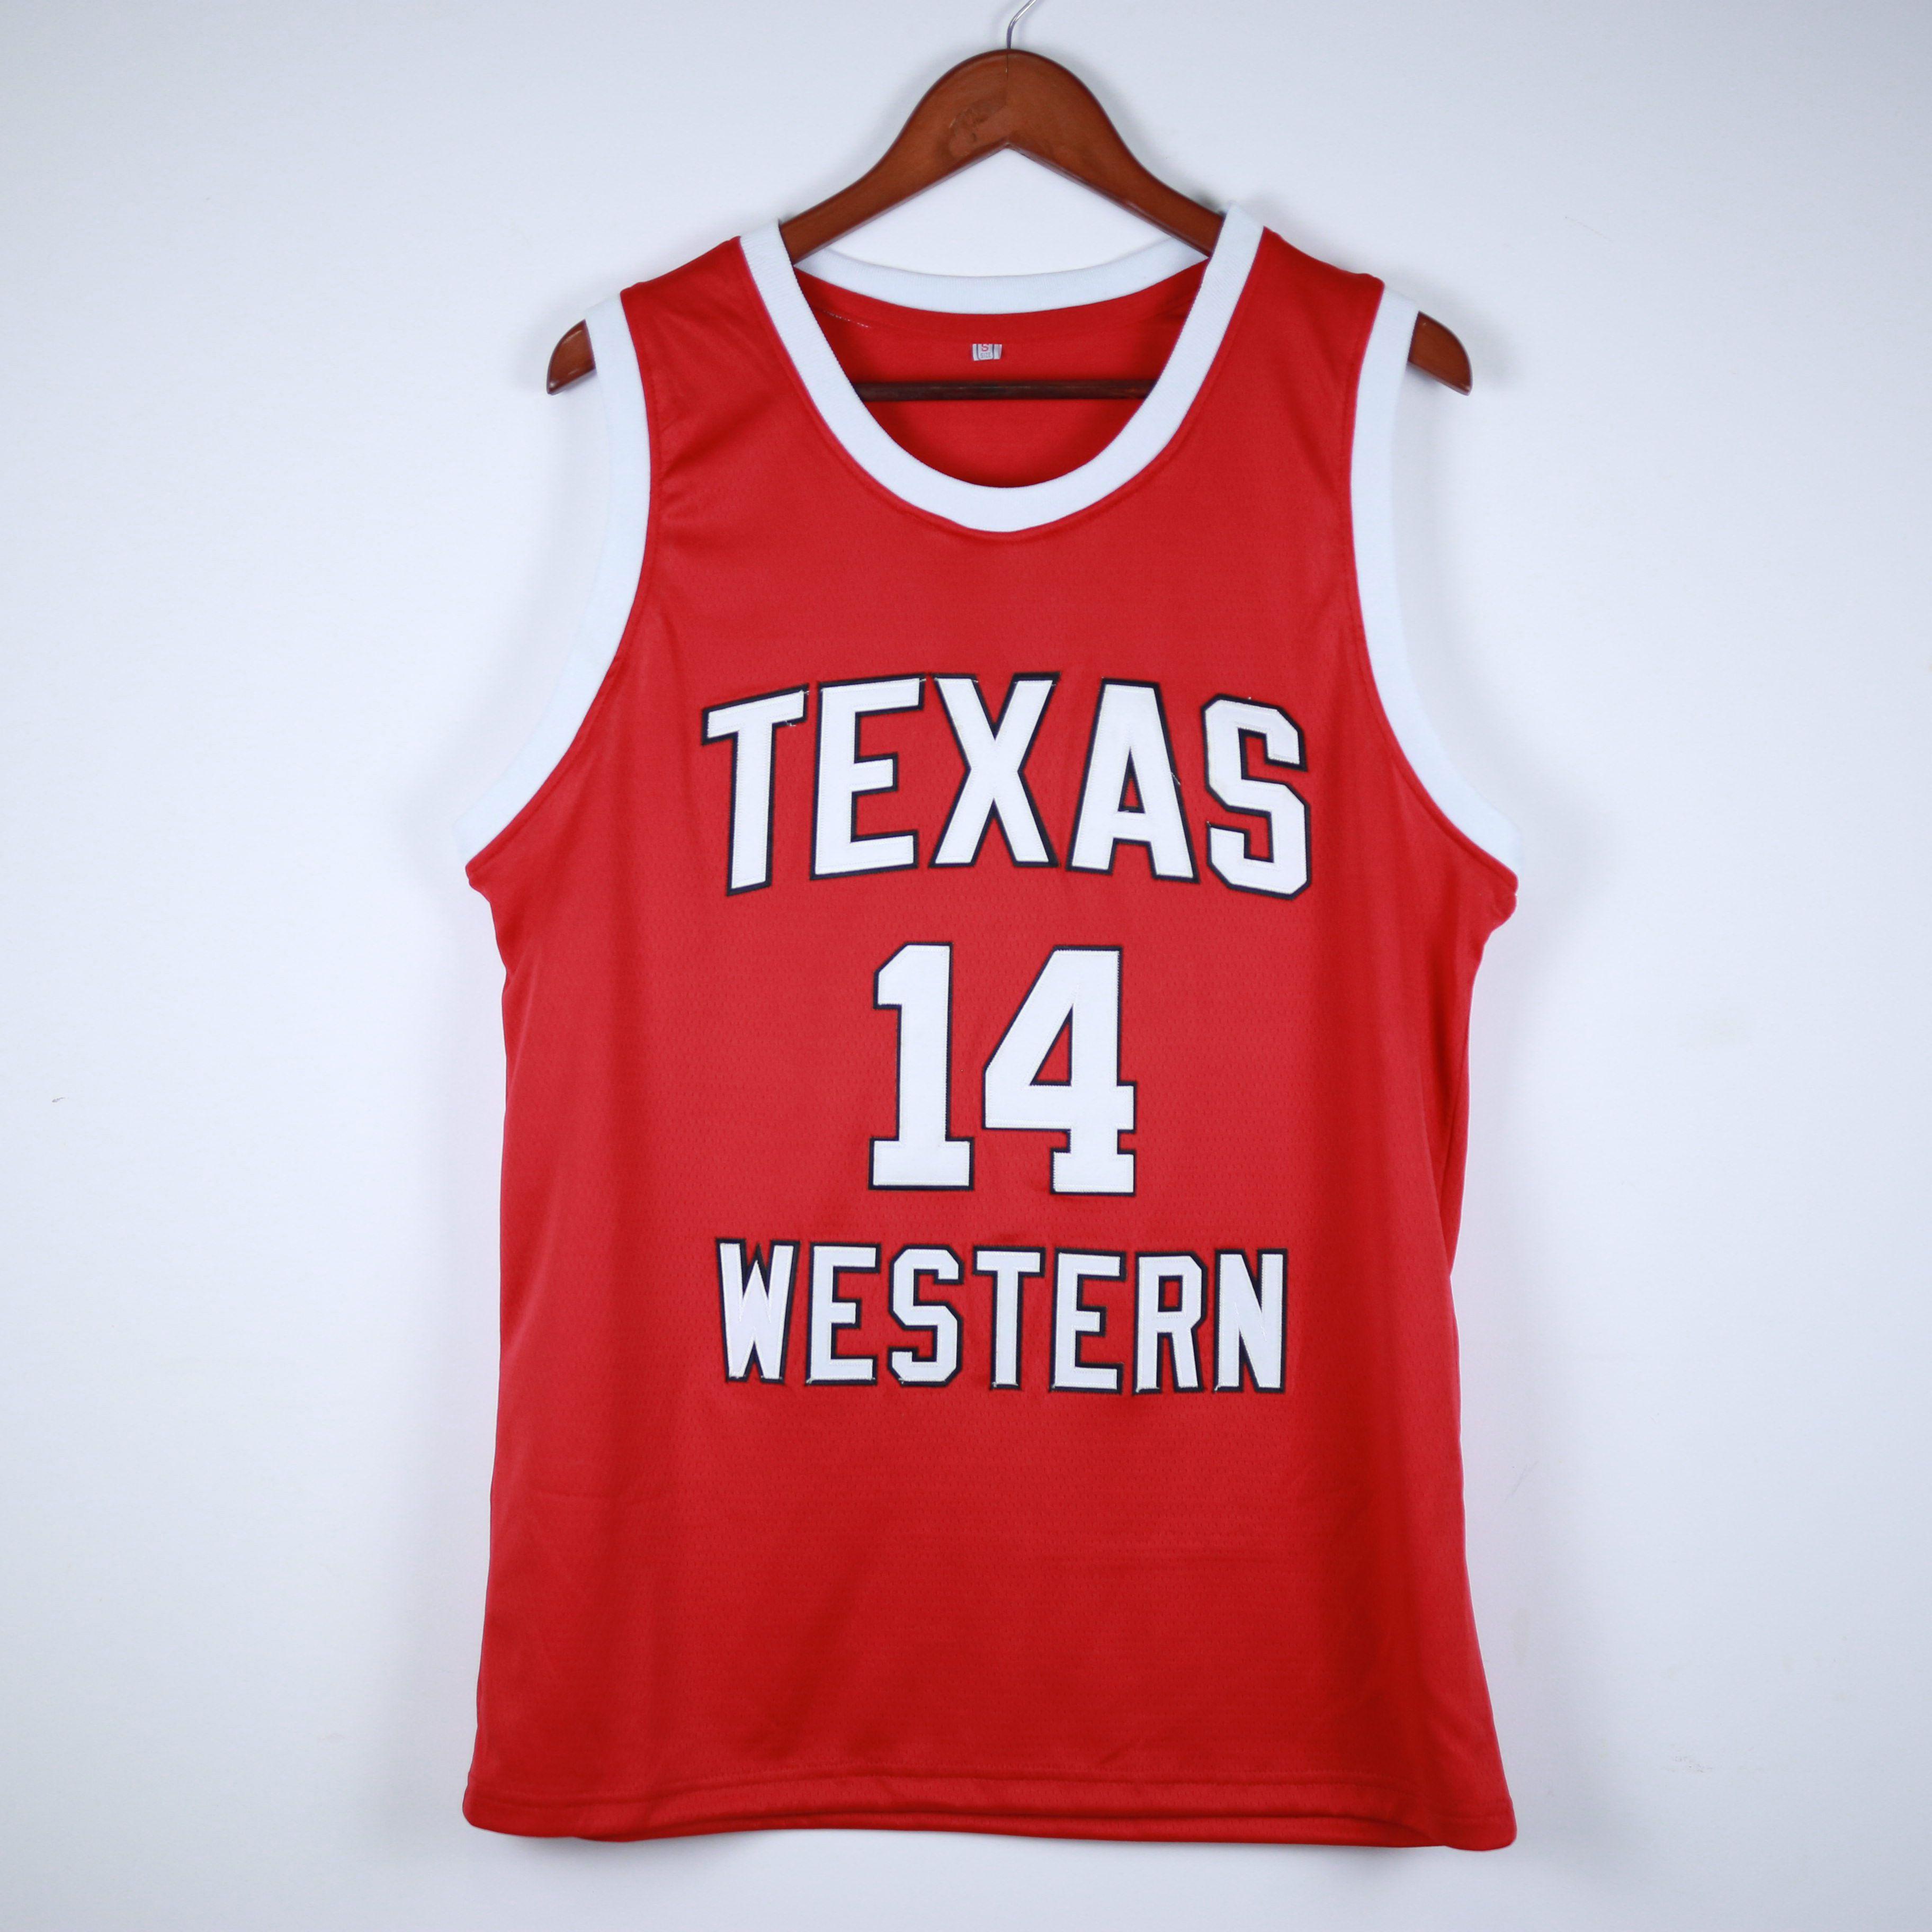 Vrais images gloire route Bobby Joe Hill # 14 Texas Western College rouge rétro maillot de basketball masculin coutume sur mesure tous les noms de noms de numéros